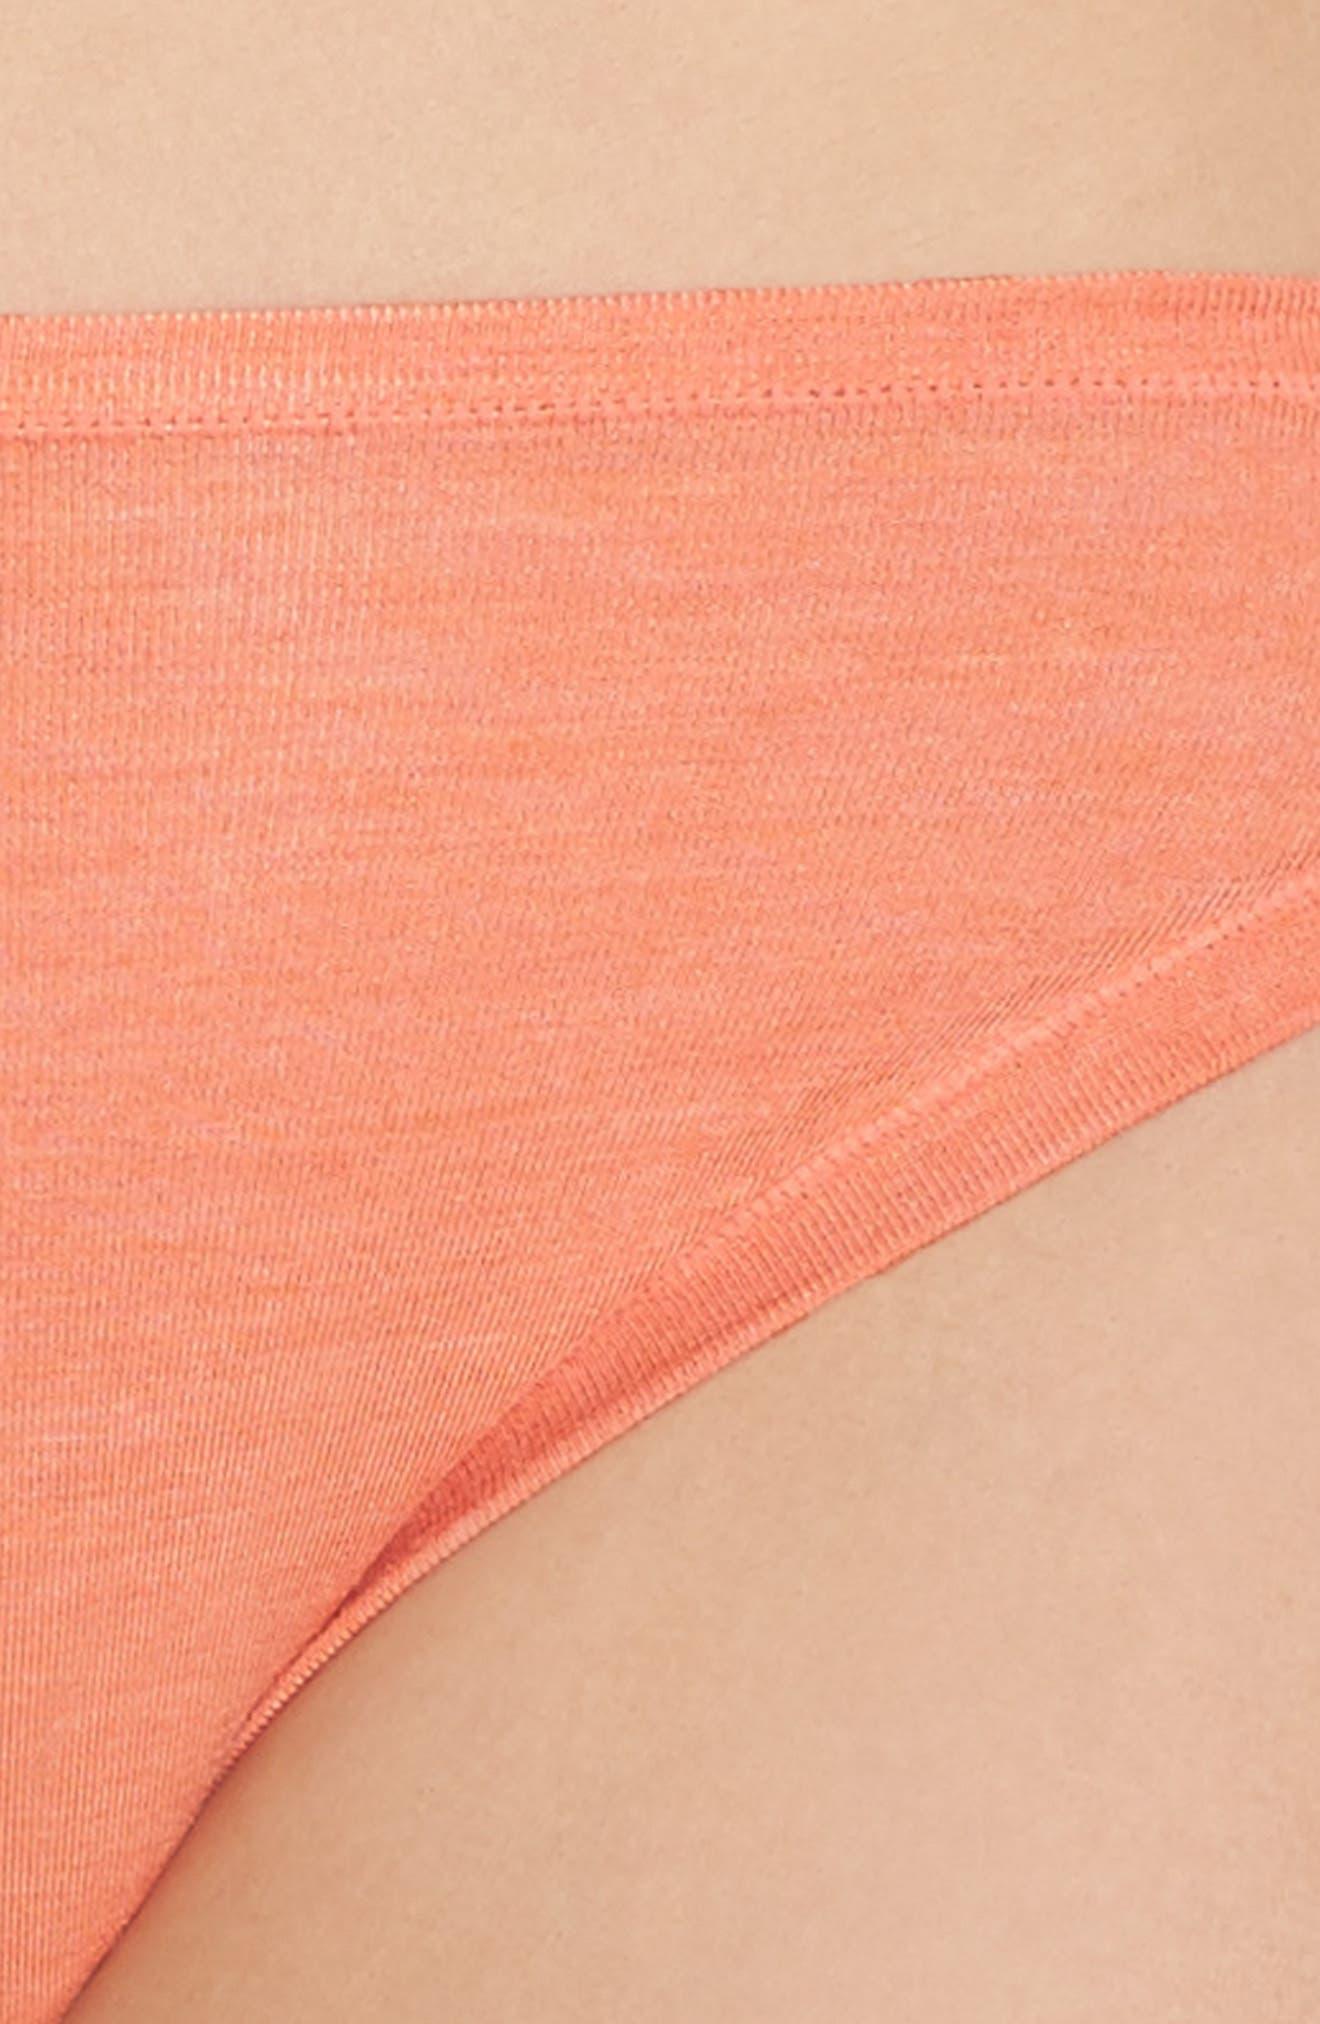 Bliss Essence Bikini,                             Alternate thumbnail 44, color,